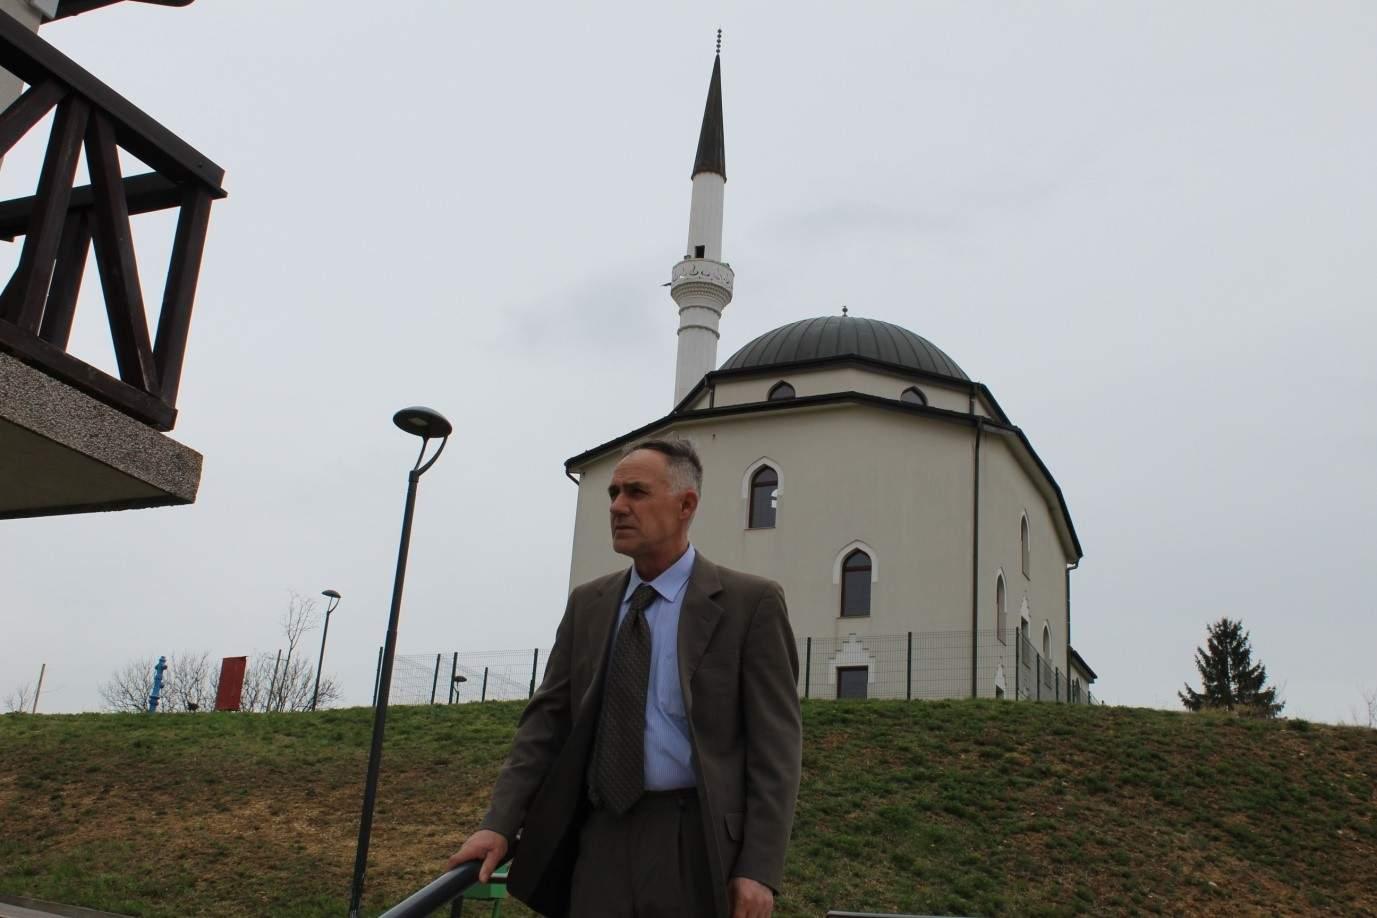 Seid Zimic 04.jpg - Ramazan u logoru: Neka bude i serija šamara, samo dok čeljade ne završi sa akšam-namazom